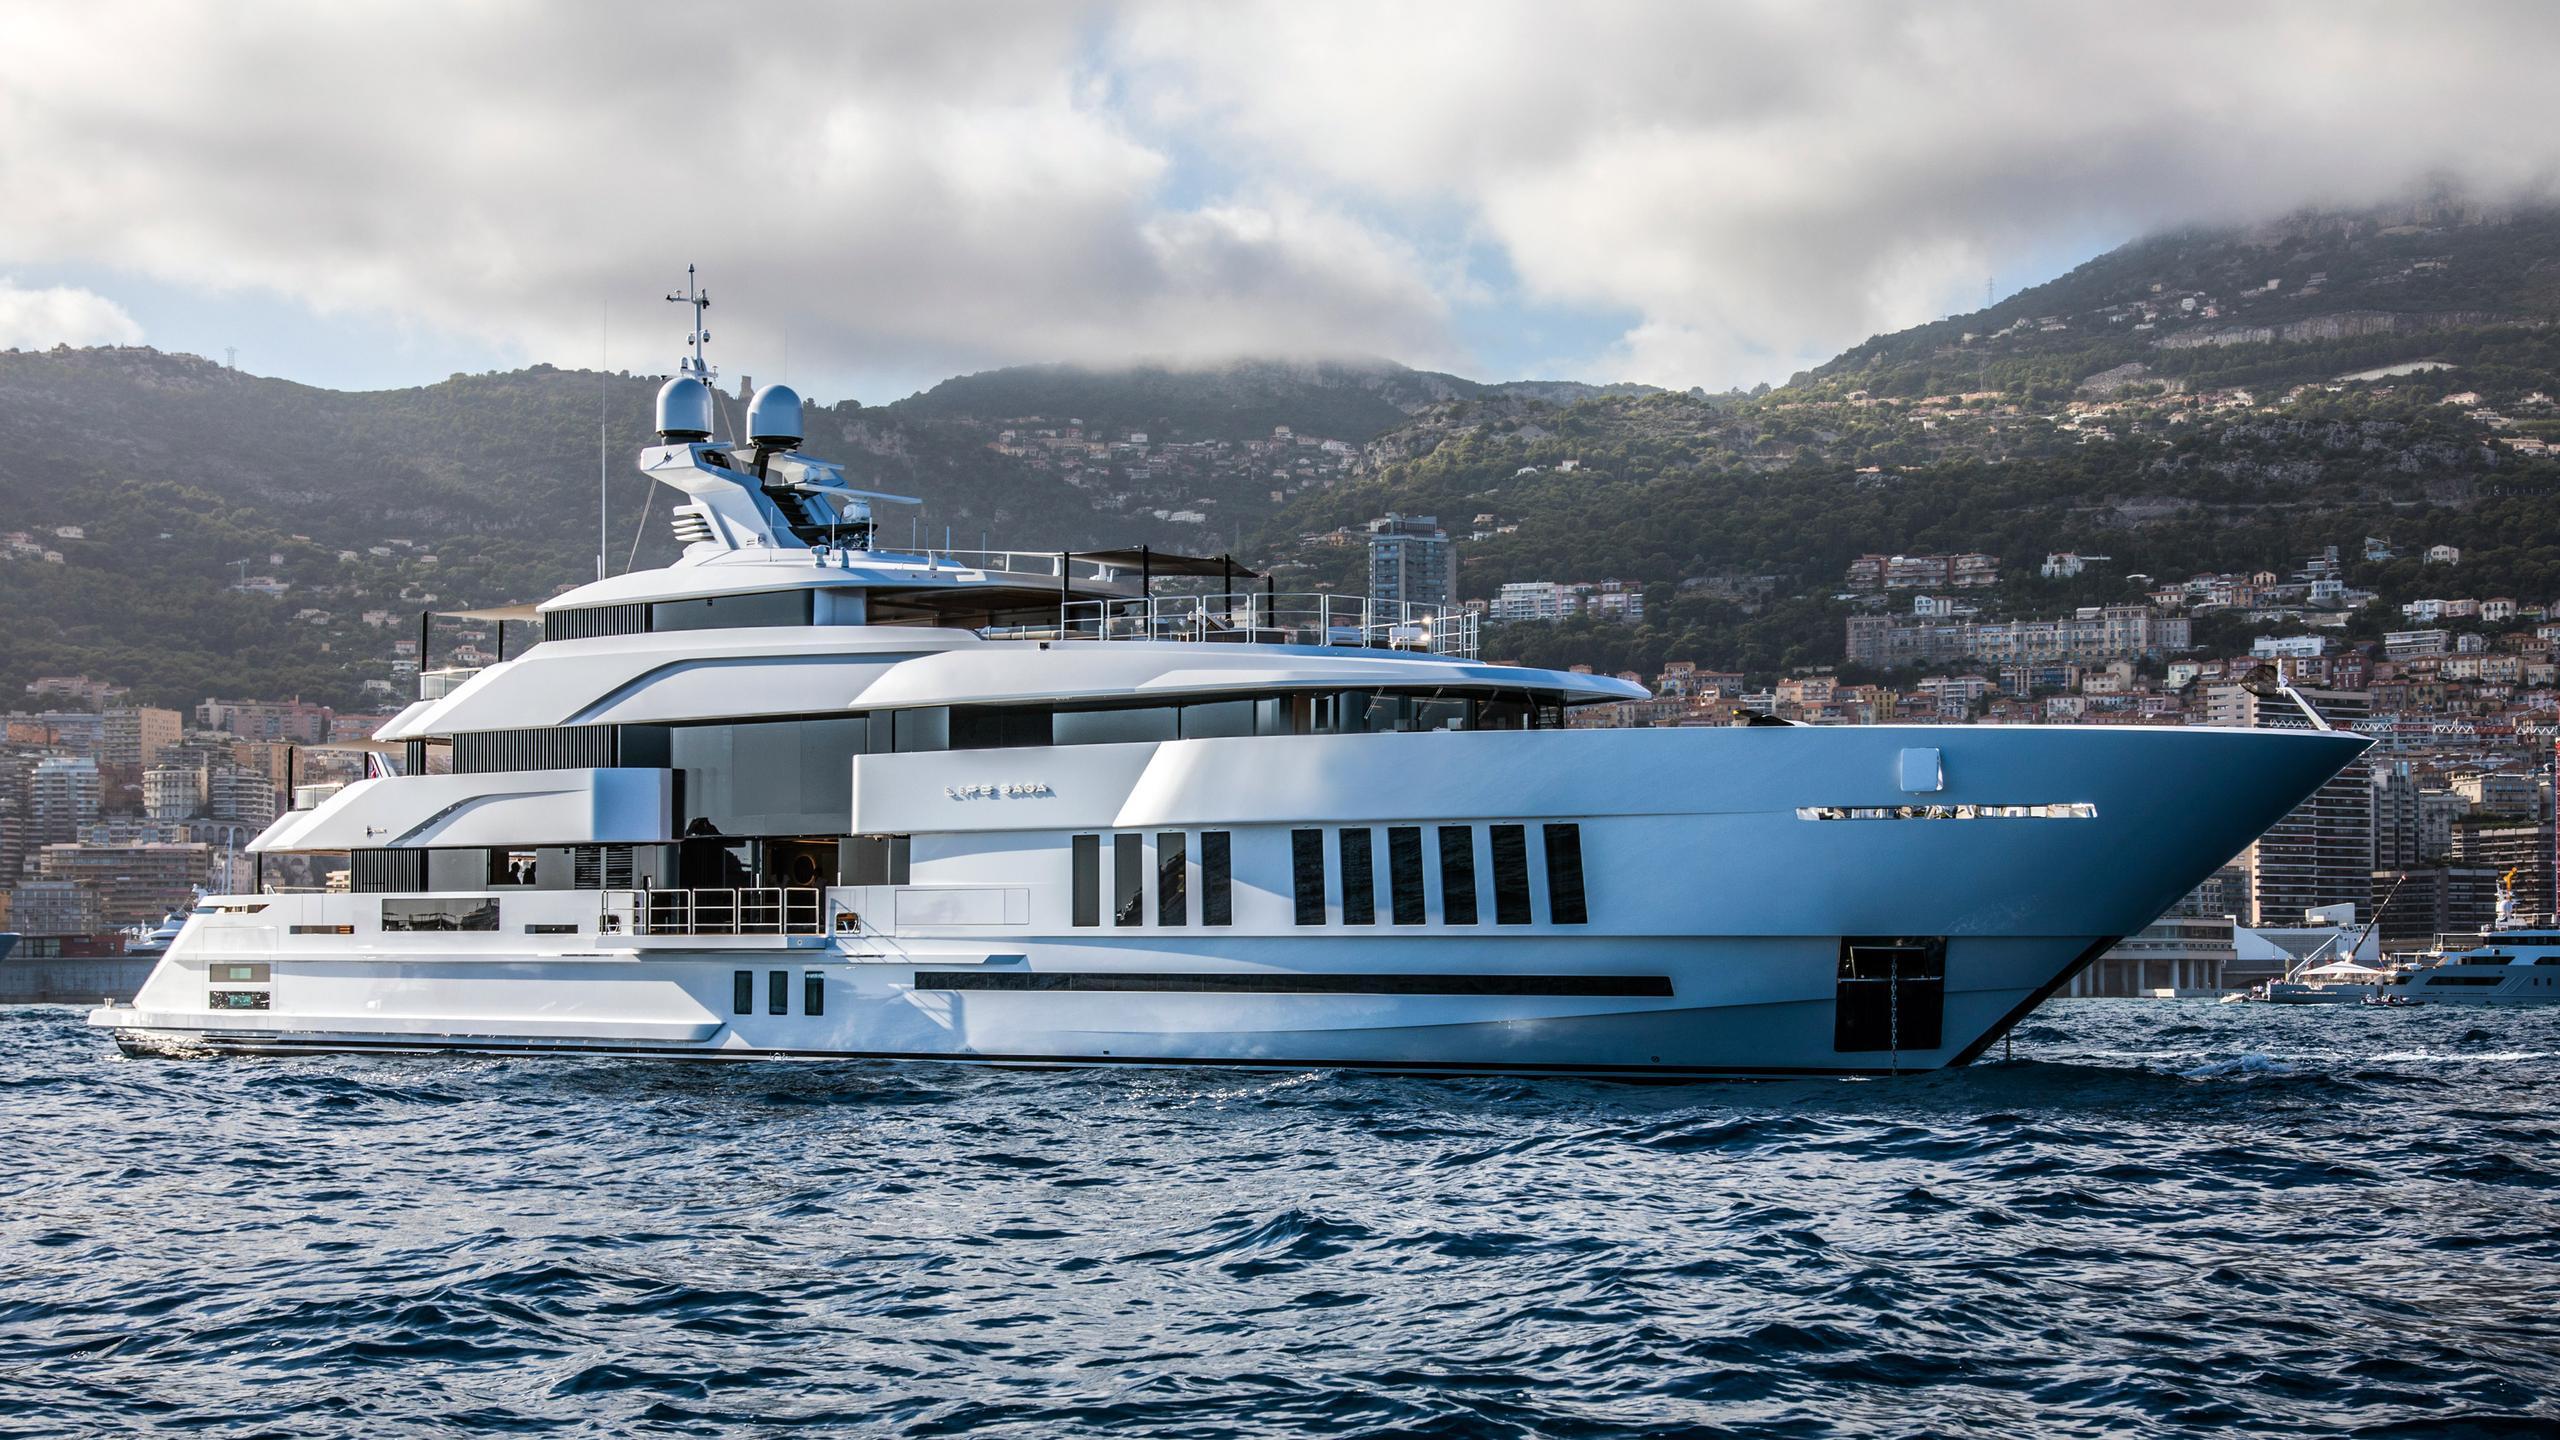 life-saga-ii-admiral-motoryacht-2019-half-profile